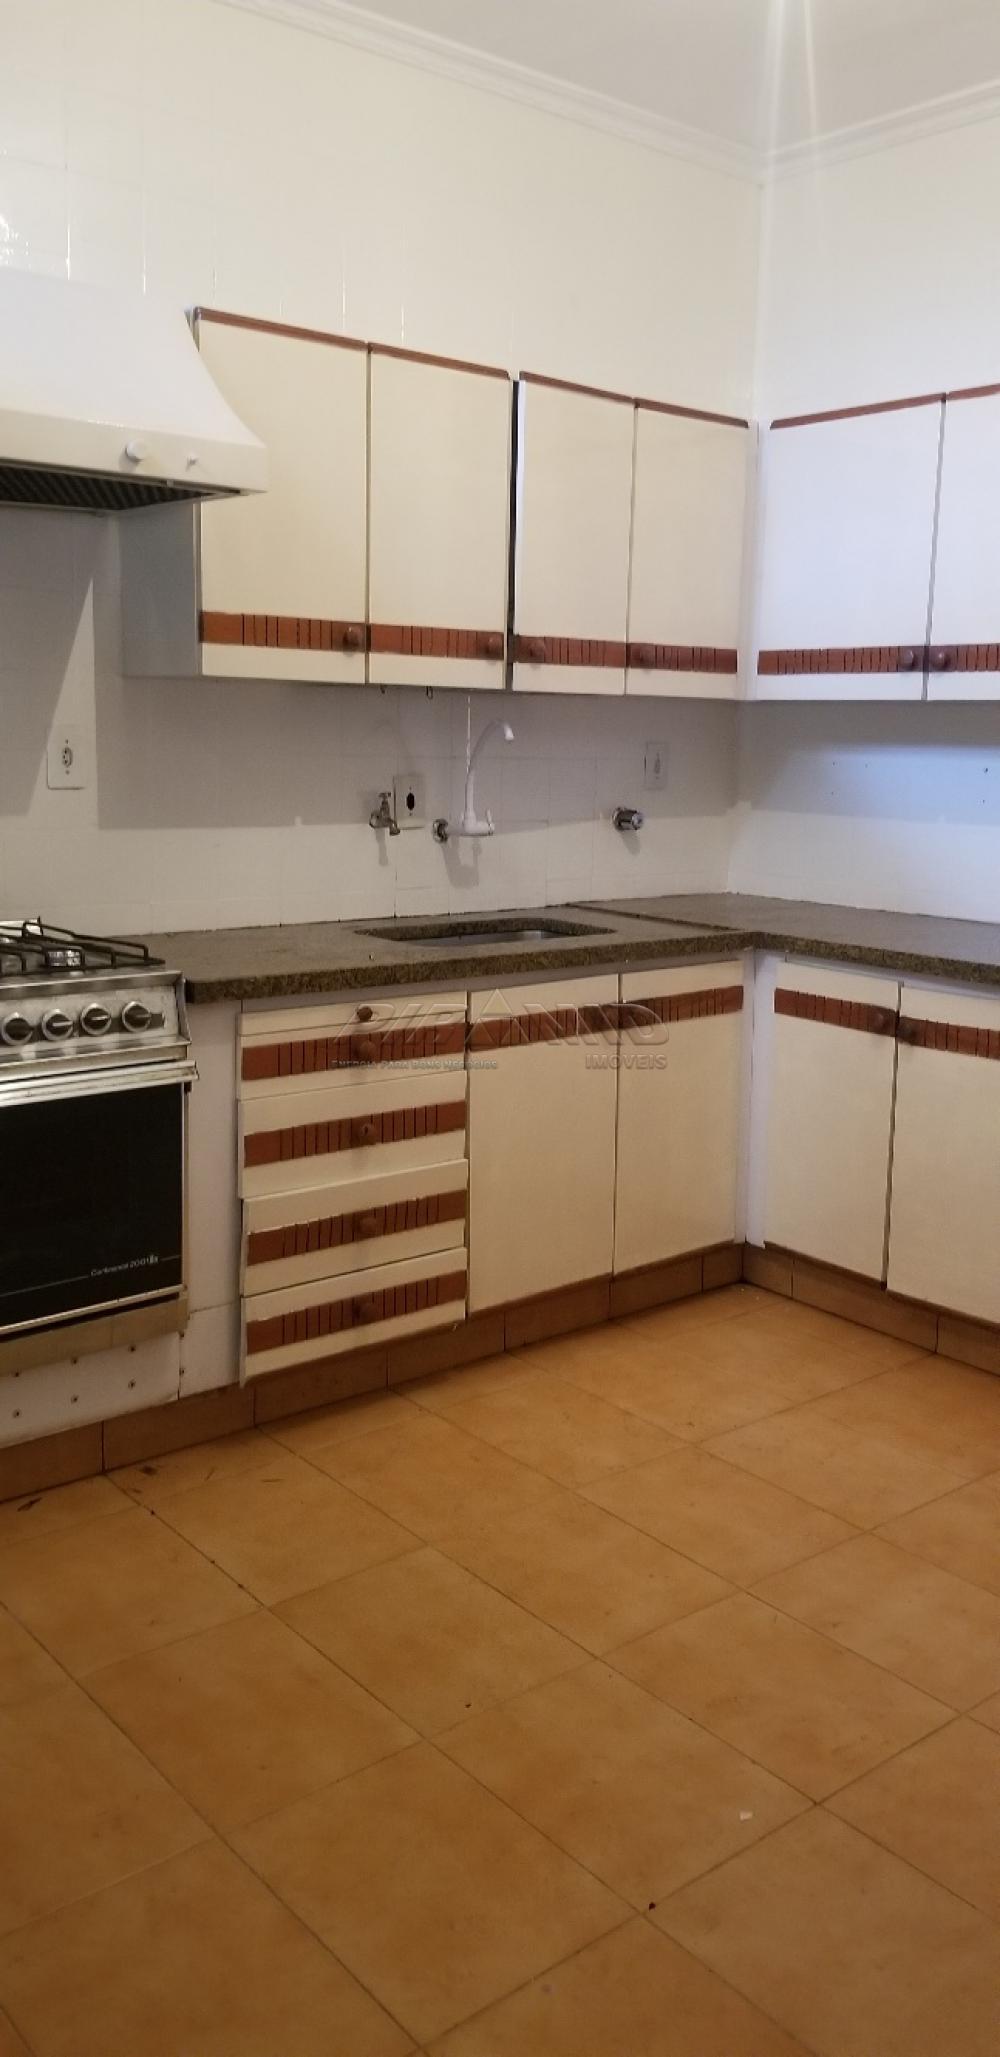 Alugar Casa / Padrão em Ribeirão Preto R$ 3.000,00 - Foto 35